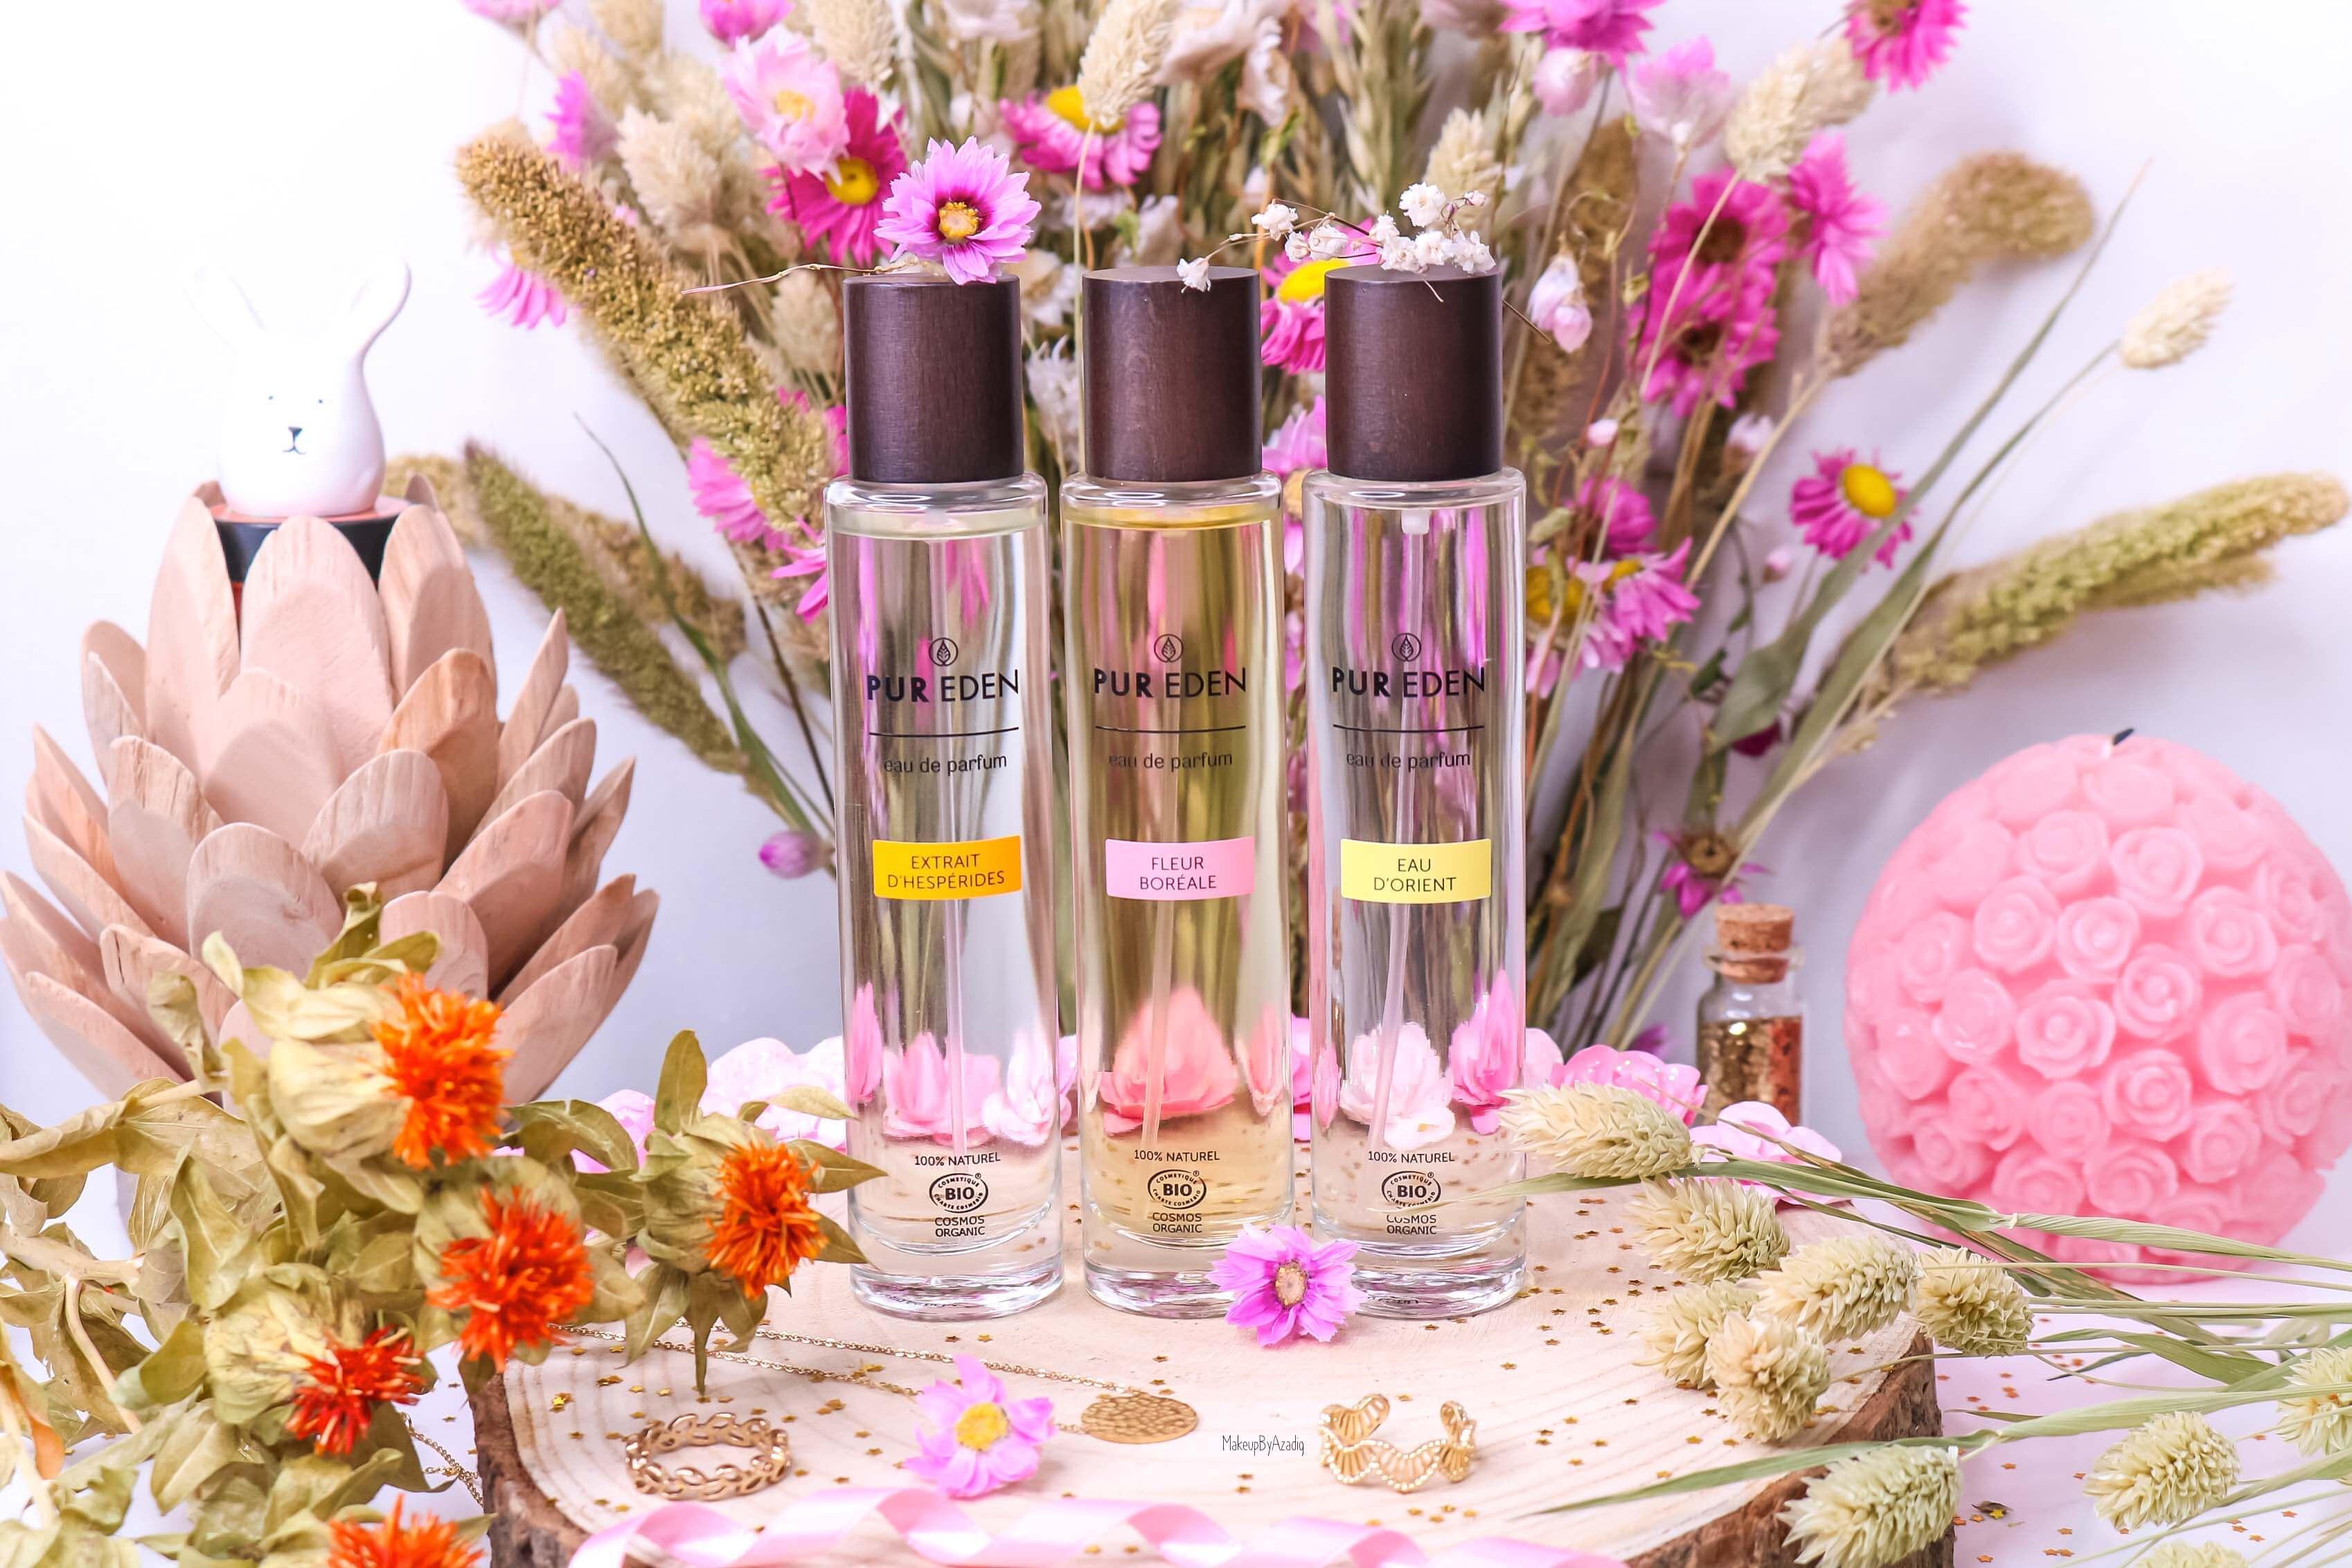 revue-eau-de-parfum-bio-vegan-pur-eden-fleur-boreale-extraits-hesperides-eau-dorient-makeupbyazadig-avis-prix-tenue-flacon